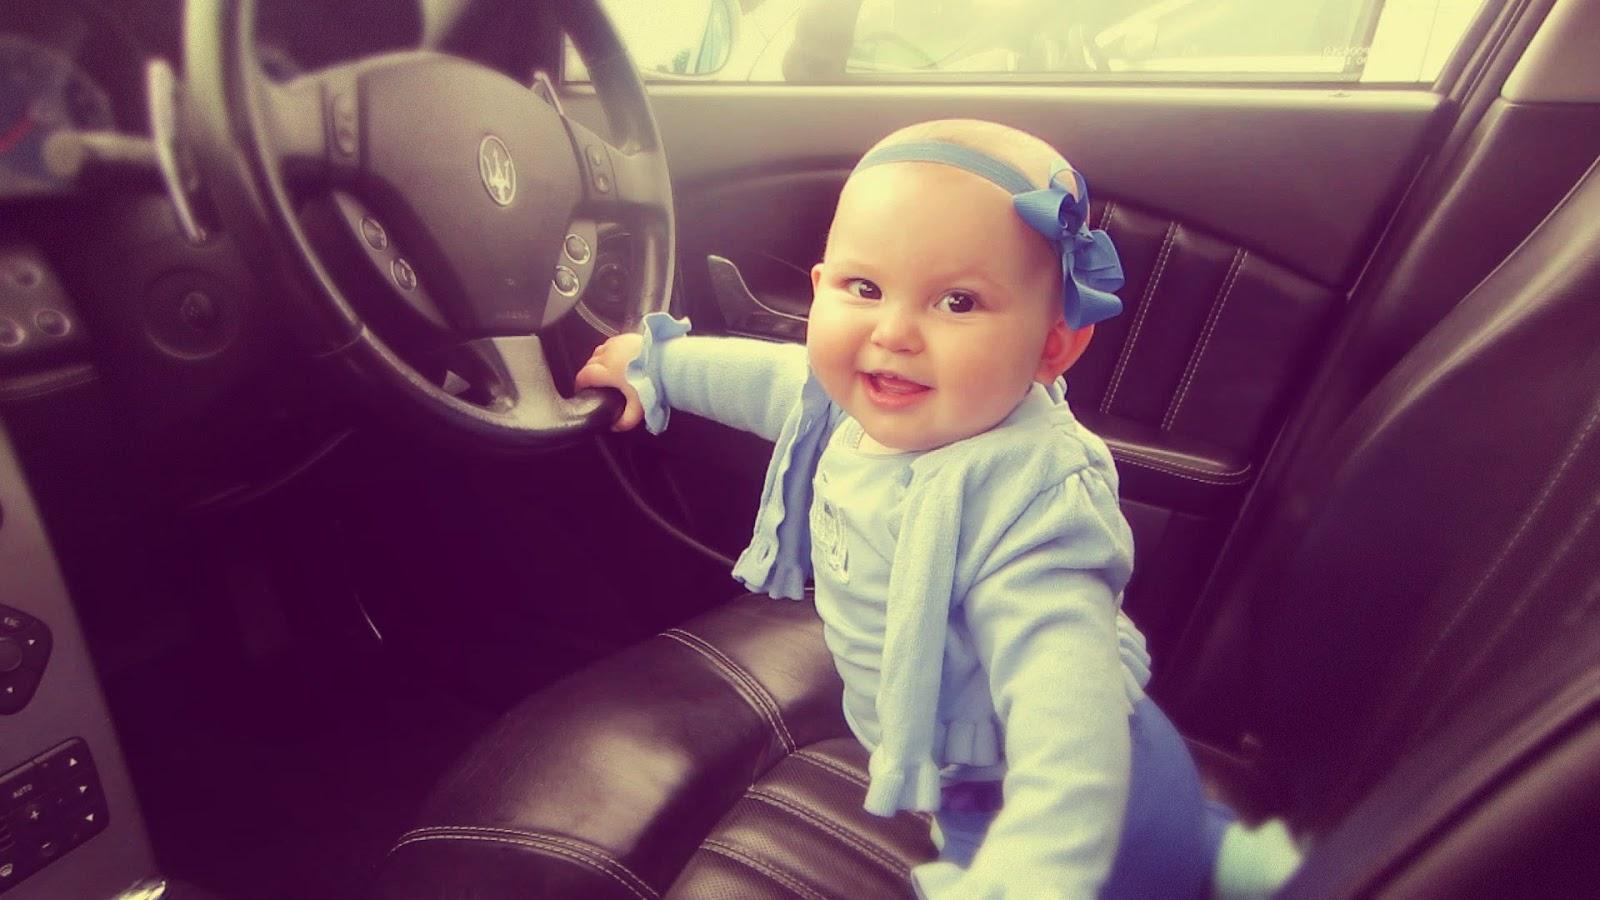 Gambar bayi nyetir mobil lucu banget